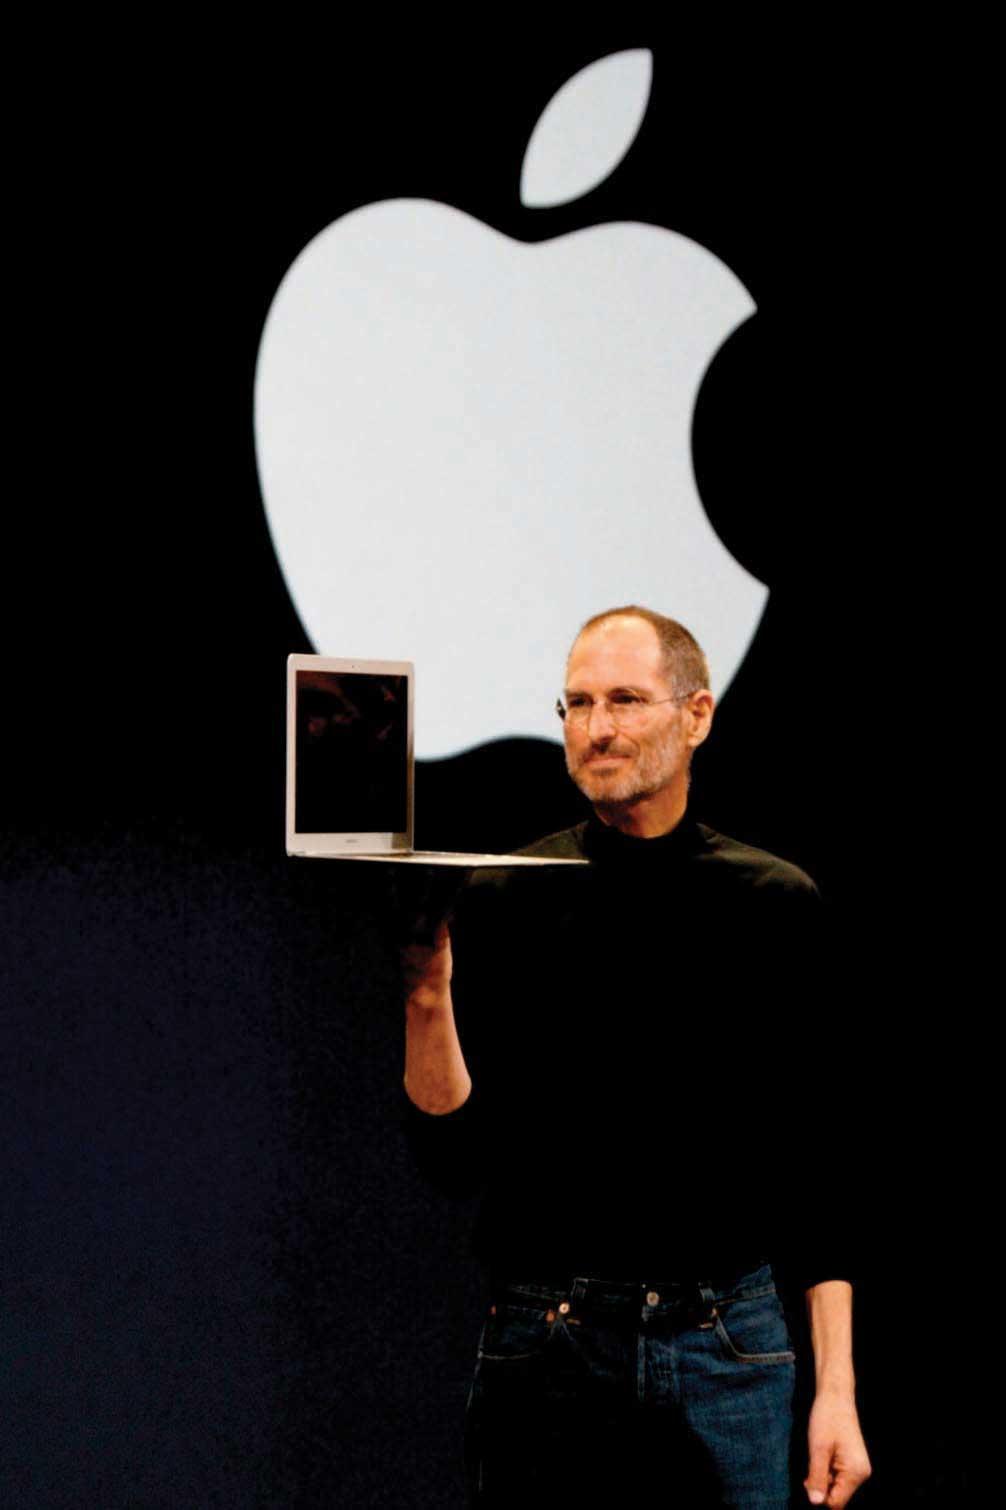 Steve Jobs presenting the Macbook Air